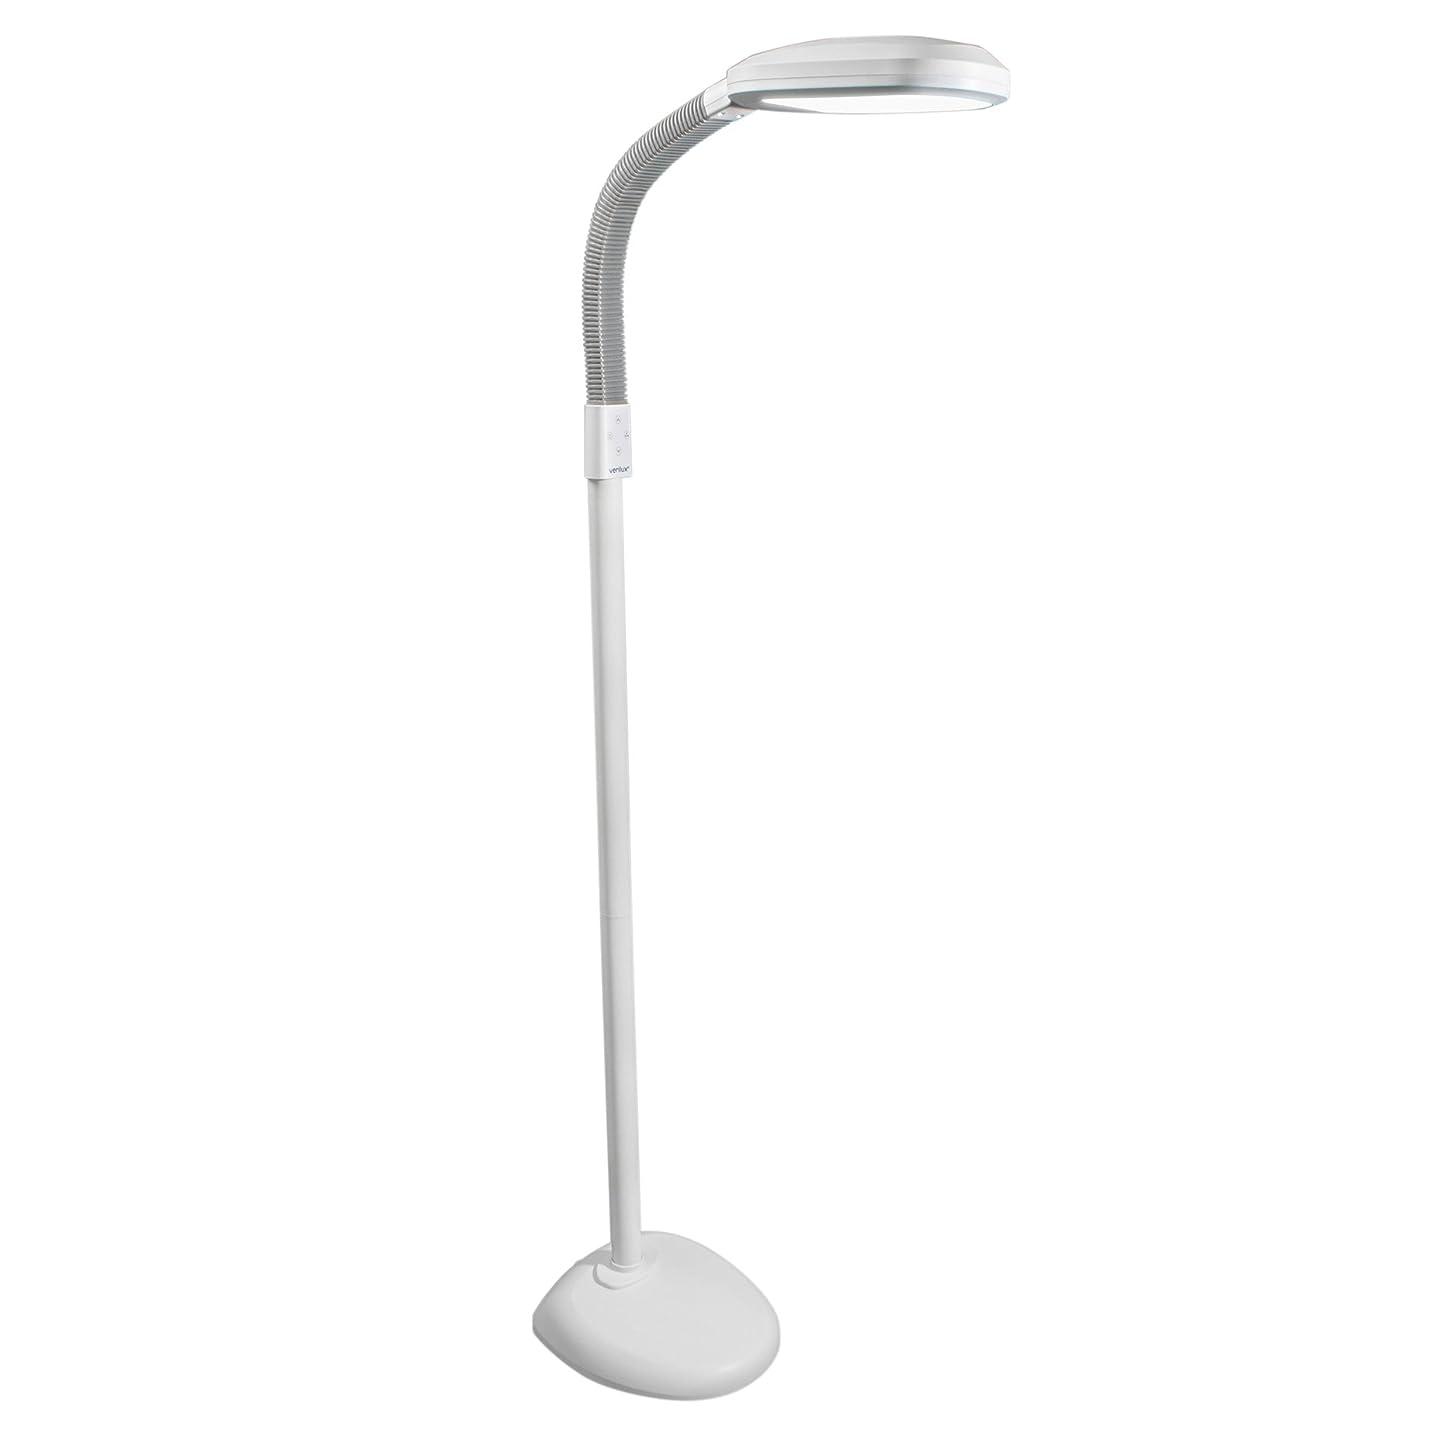 Verilux Original SmartLight LED Floor Lamp Full Spectrum Energy-Efficient Natural Light for Reading, Artists, Crafts Dimmable - Adjustable Gooseneck Task Light